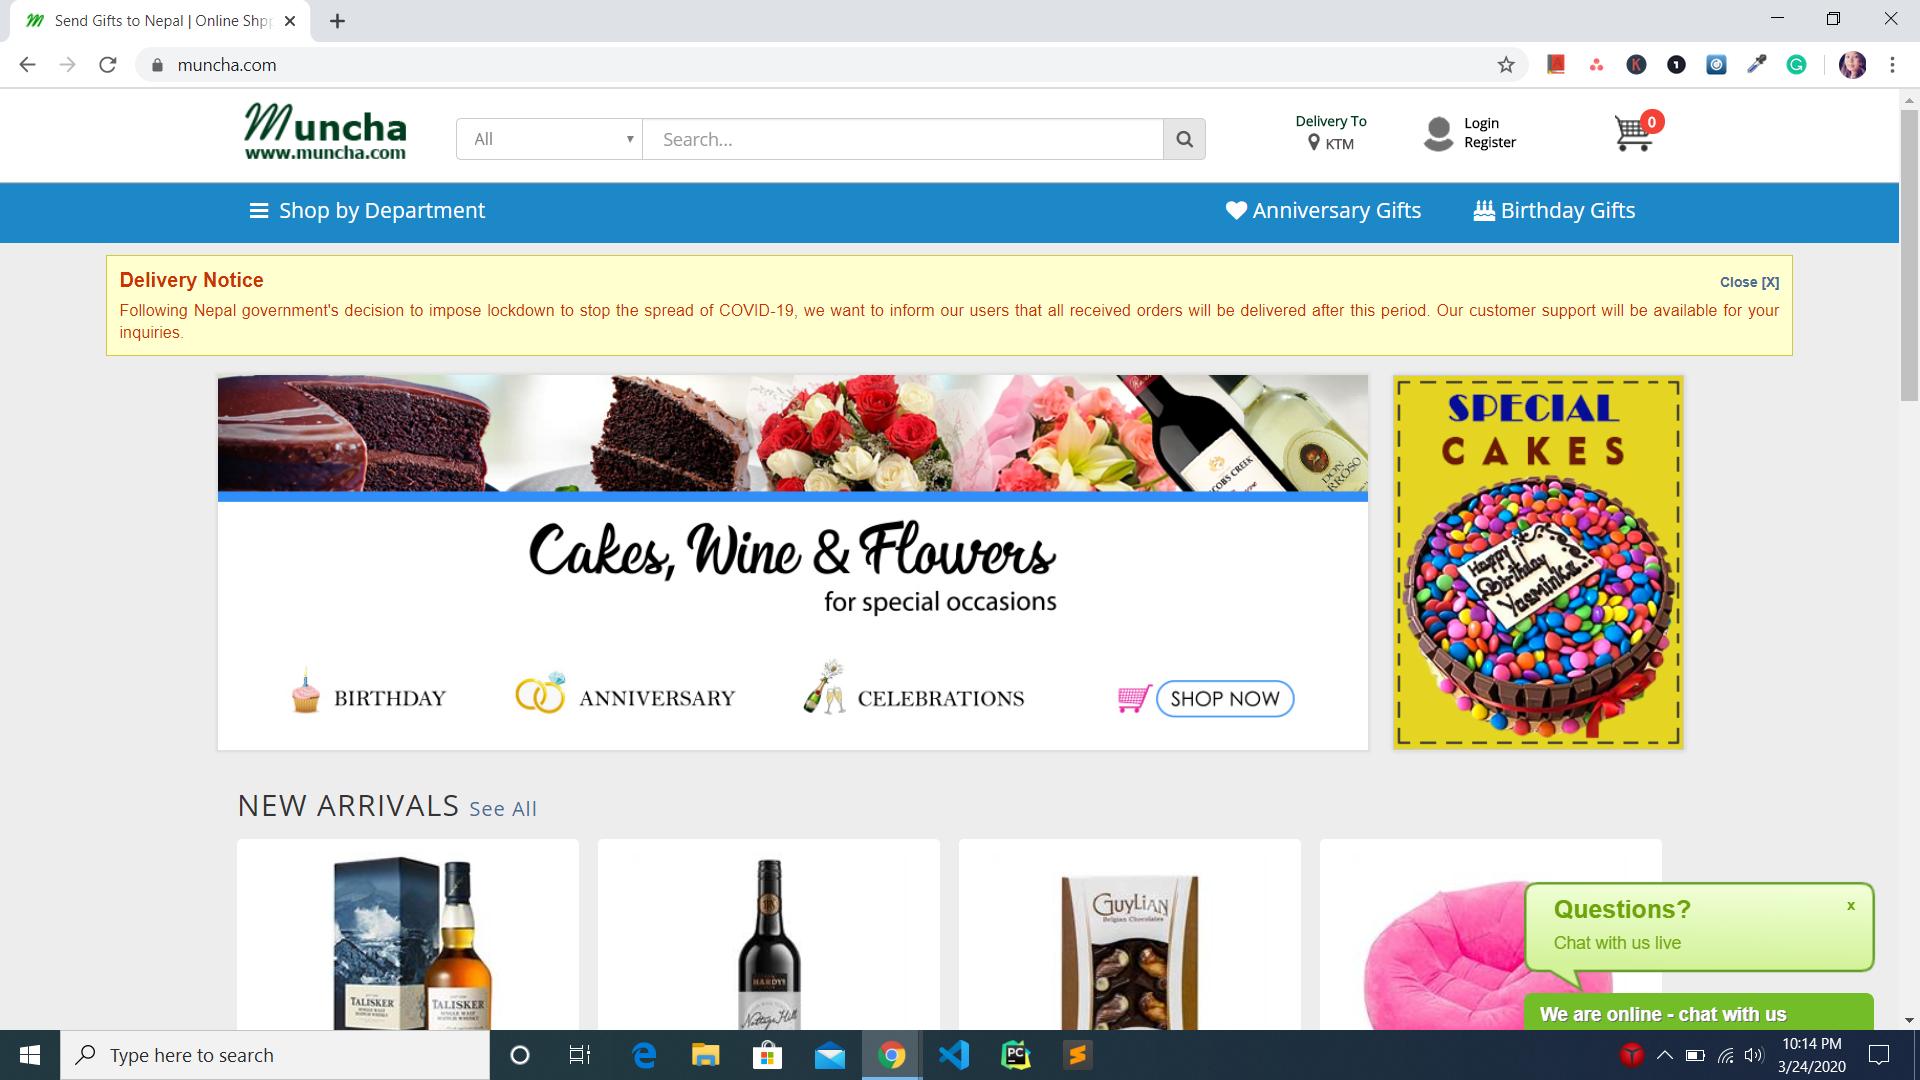 muncha online site